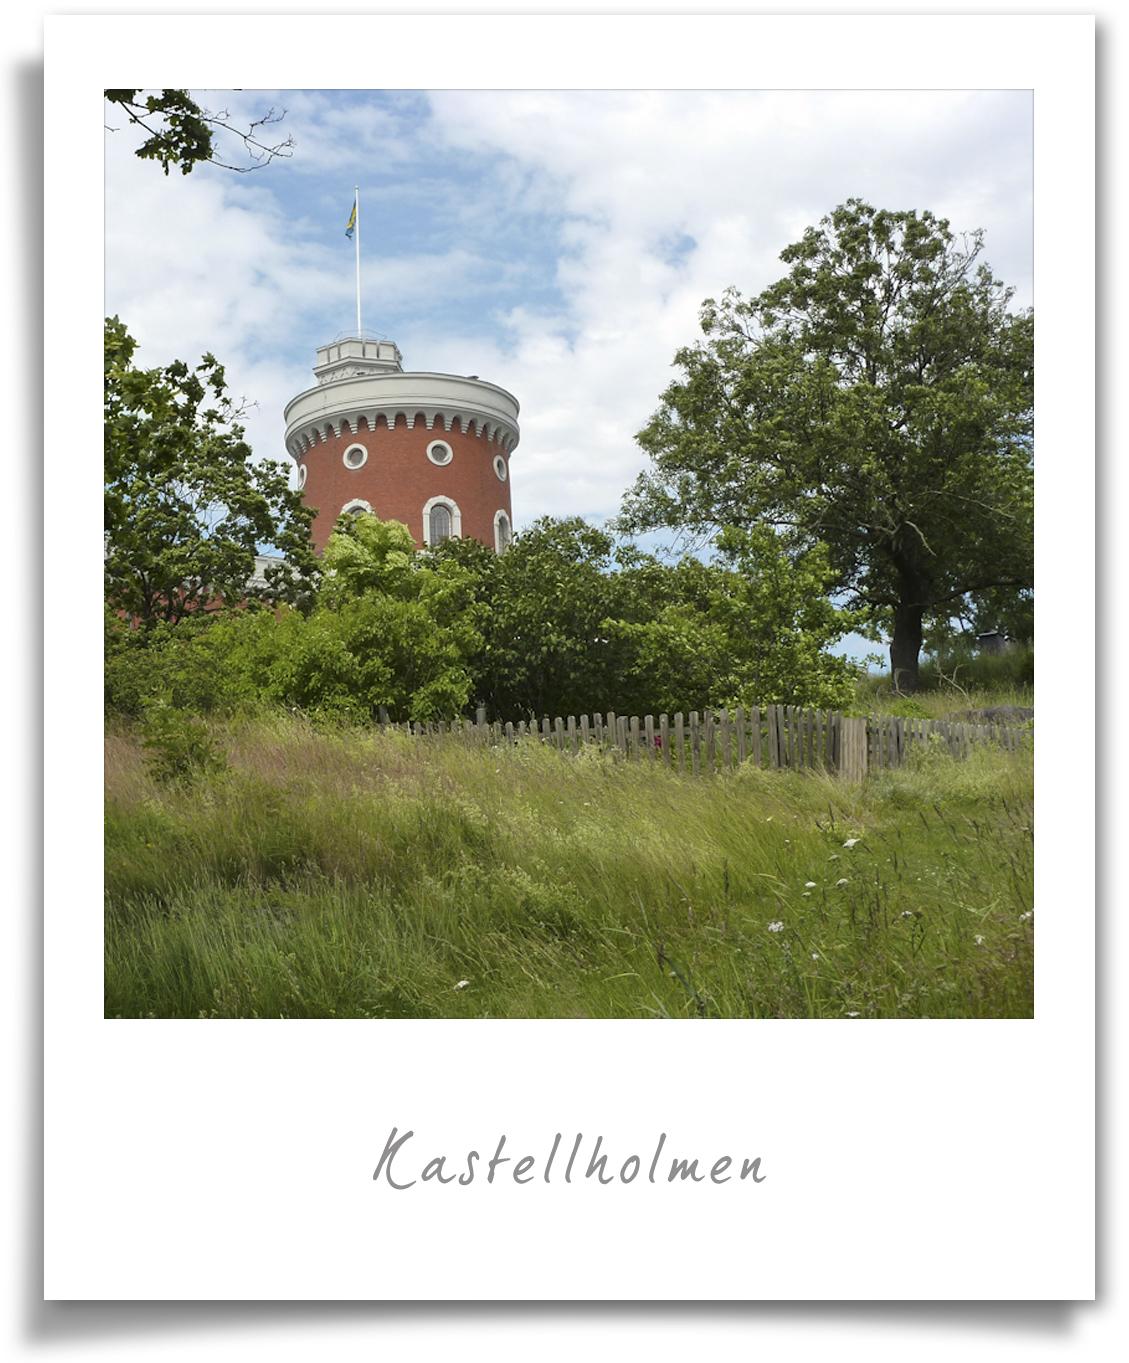 Stockholm - Kastellholmen